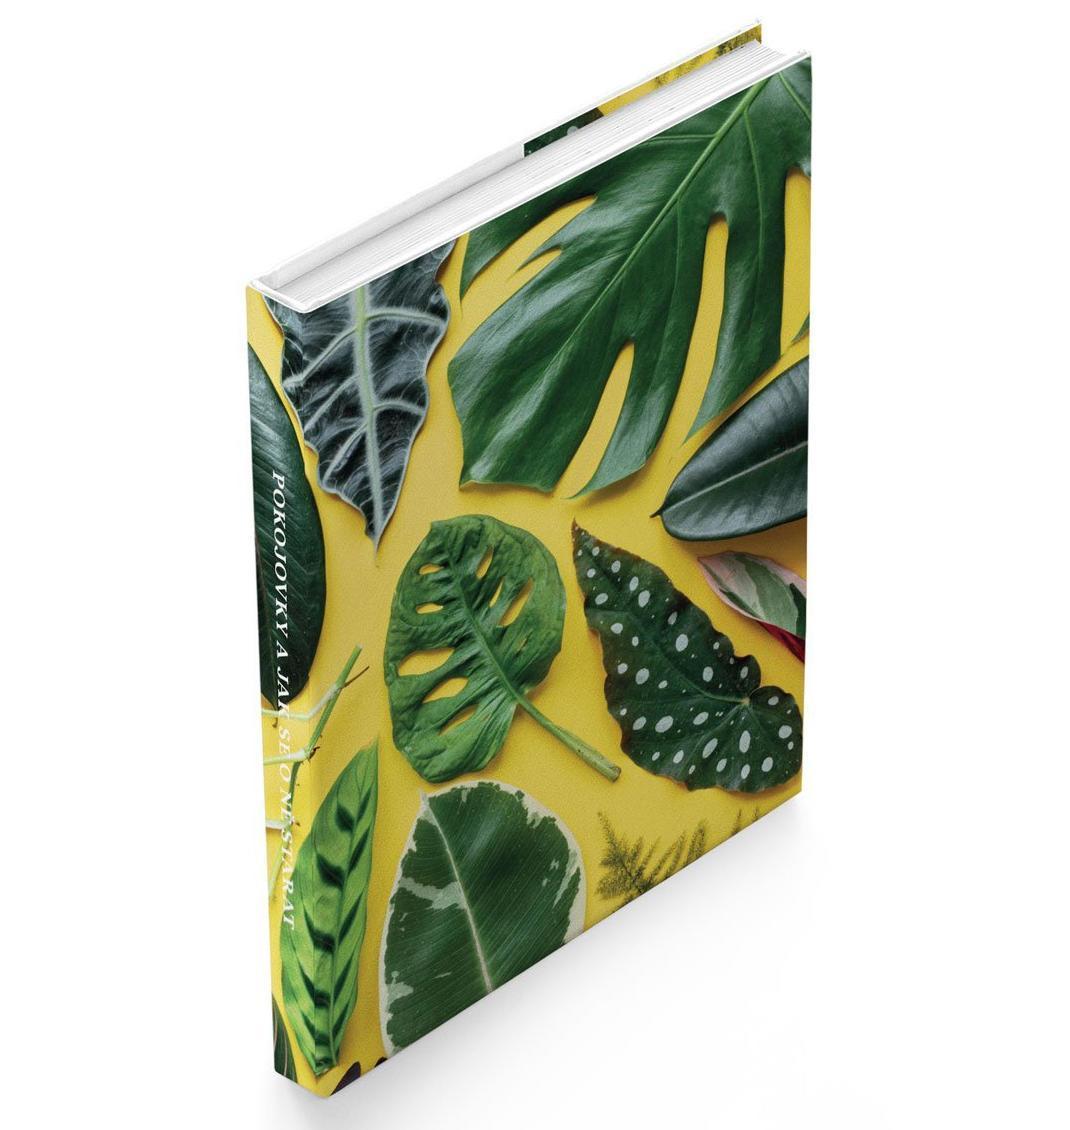 Kniha Pokojovky - Jak se o ně starat, multi barva, papír